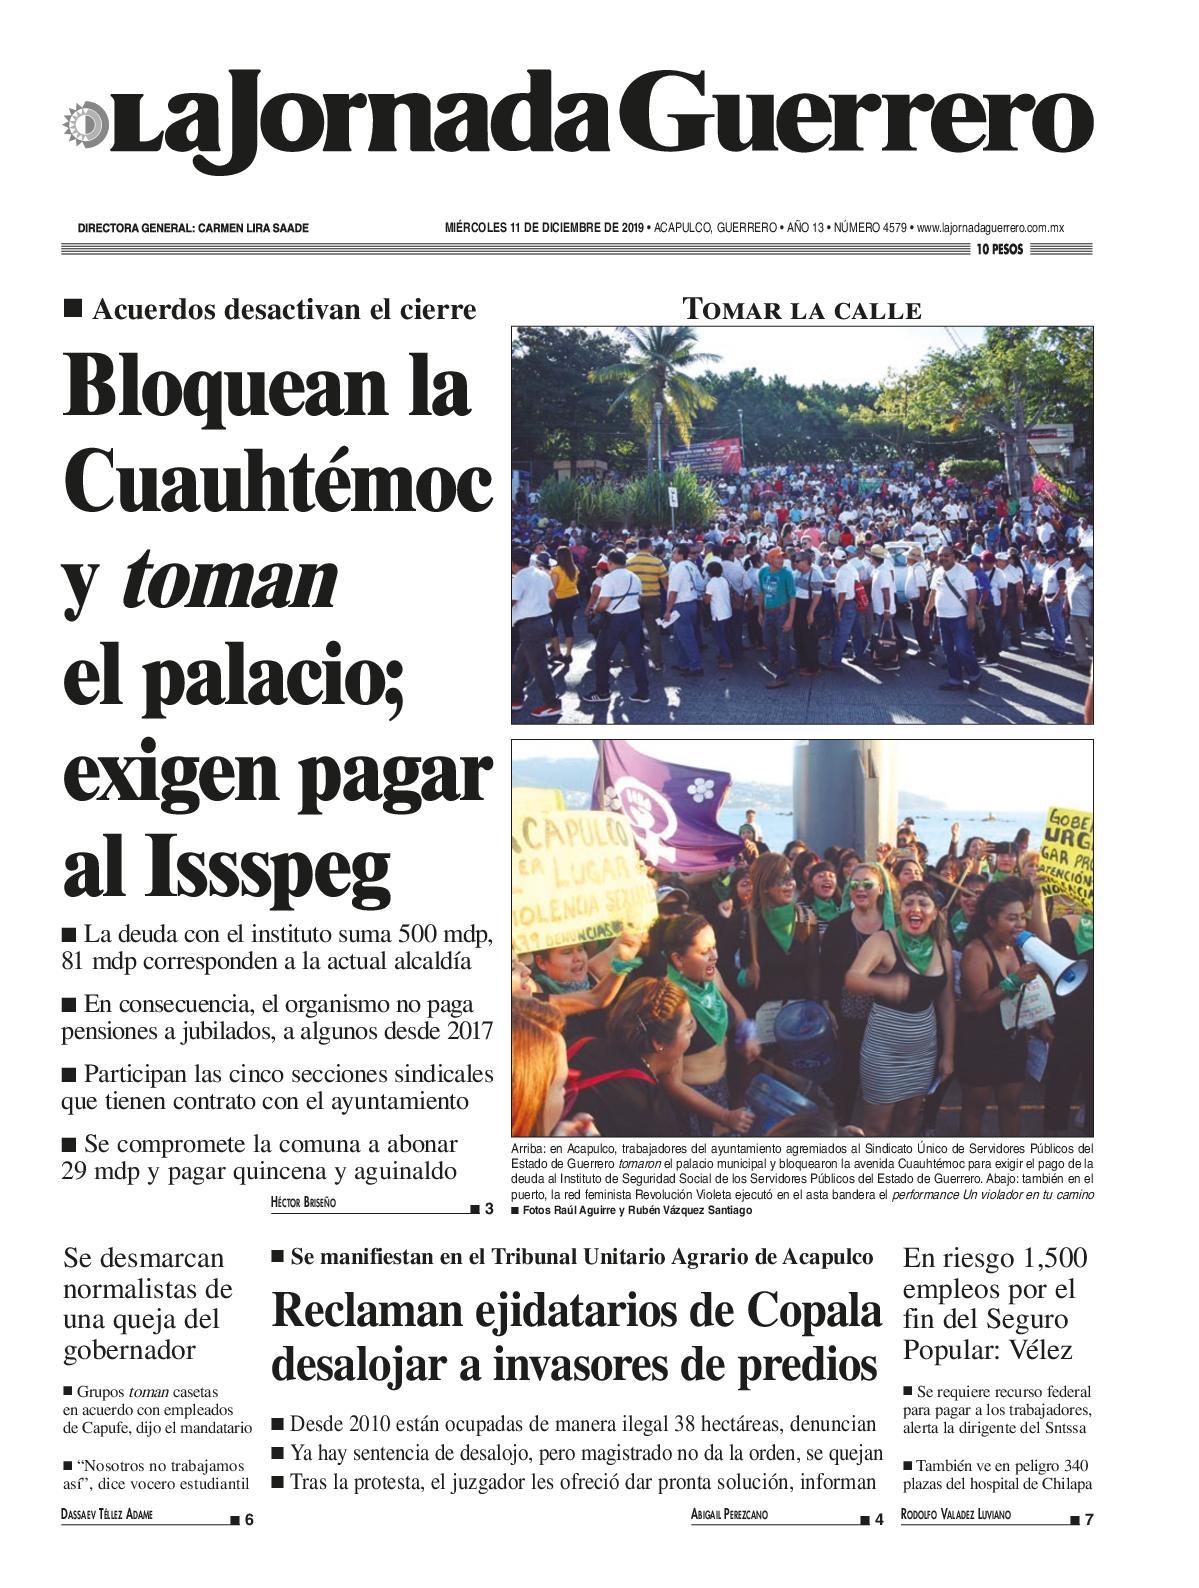 Calaméo La Jornada Guerrero